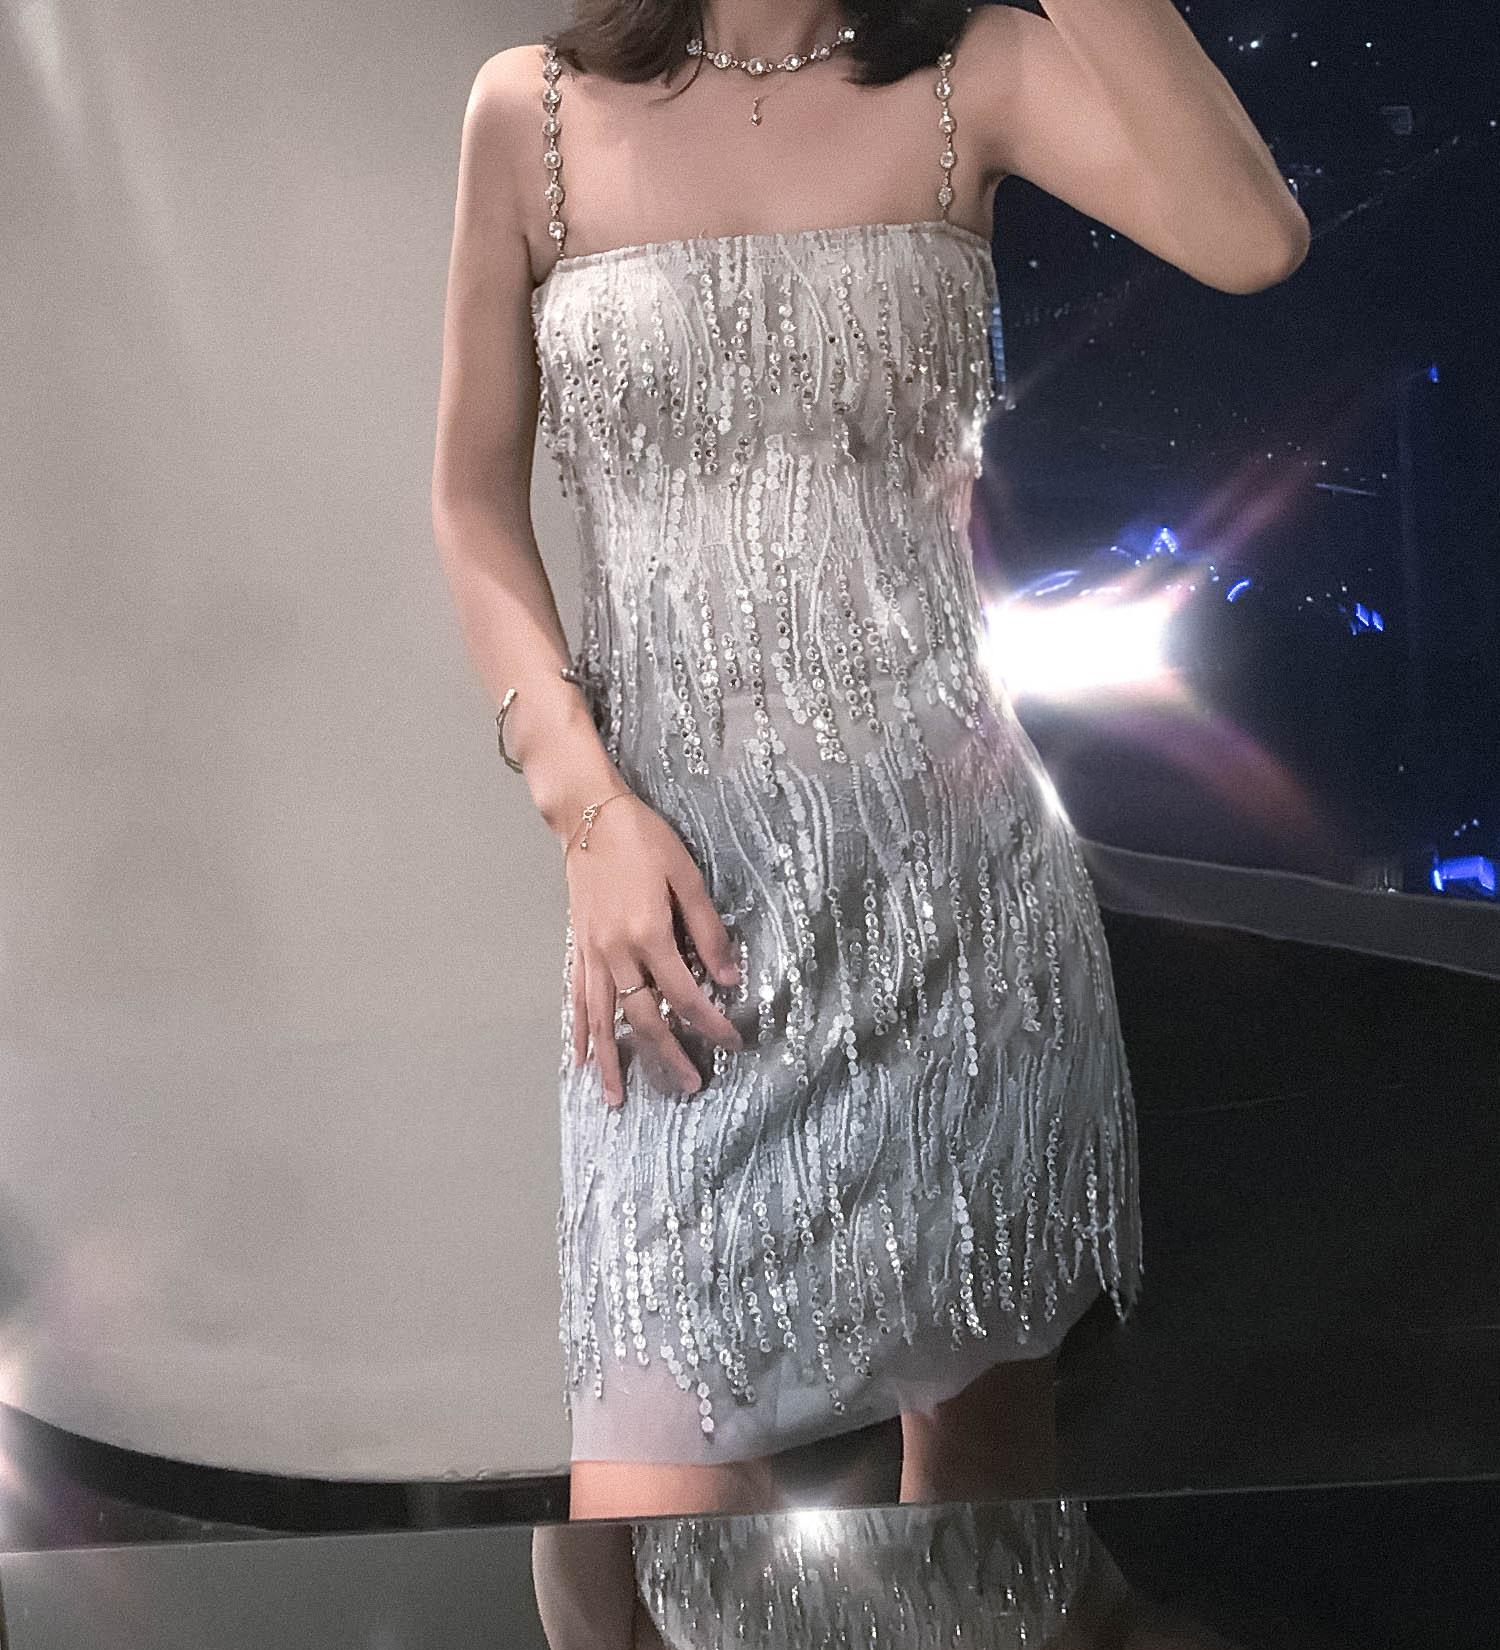 钱大大高端定制 抹胸性感镶钻水晶吊带钉珠蕾丝小礼服流苏连衣裙